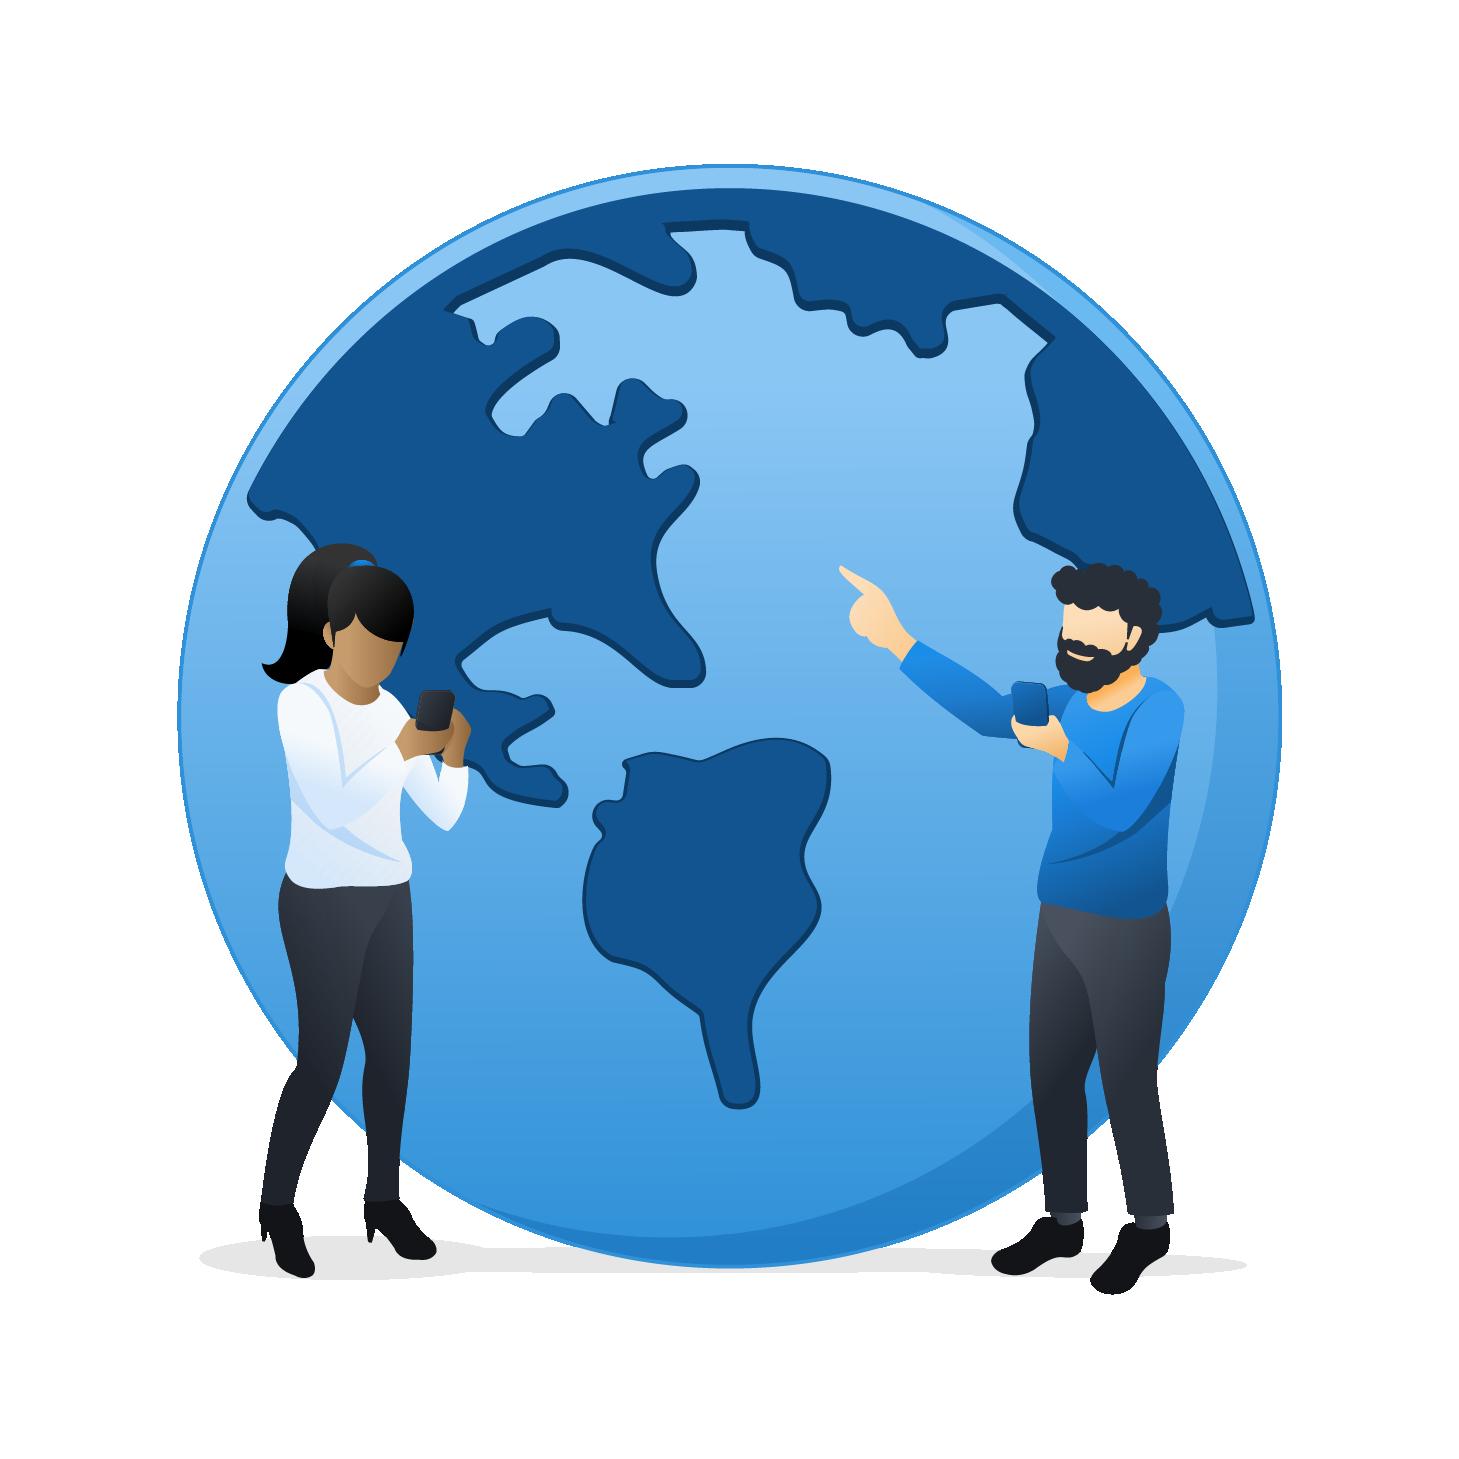 whatsapp expand global reach